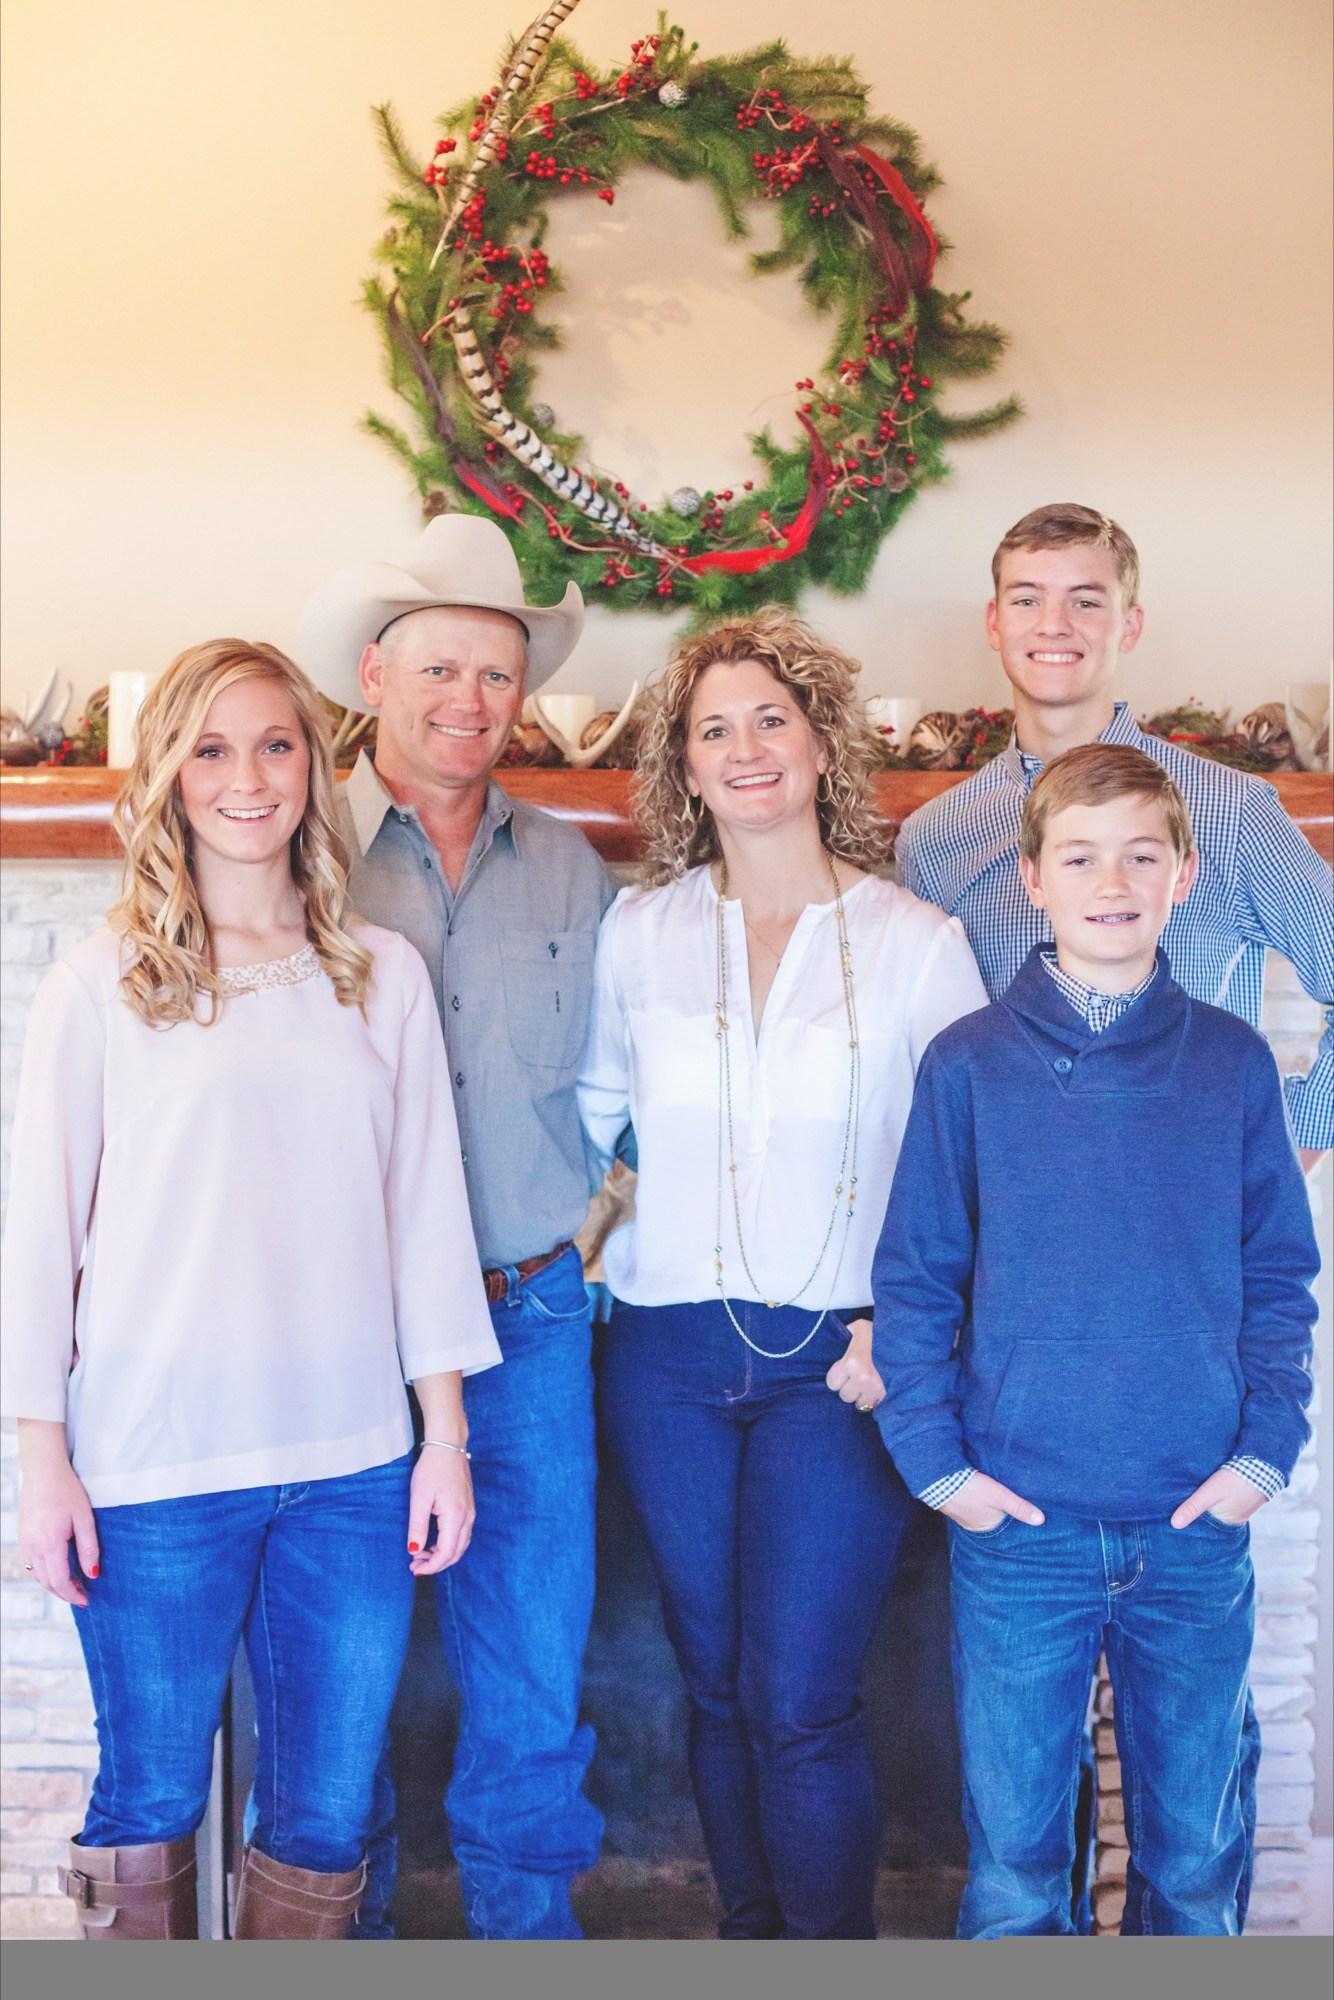 Mrs. Bierschwale's Family